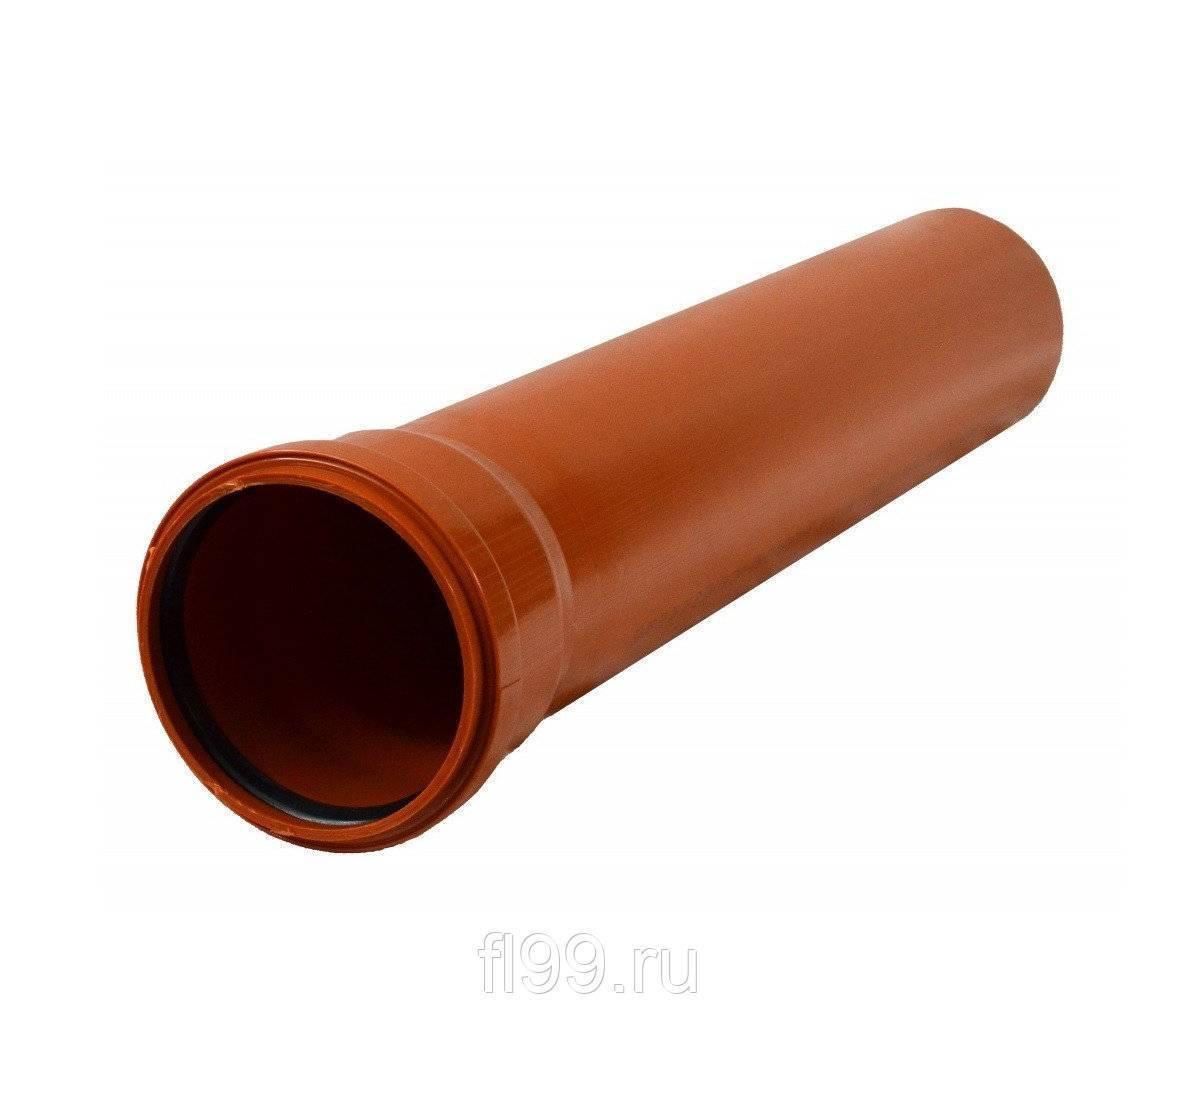 Труба канализационная 110 рыжая длина. в чем особенность рыжих канализационных труб? достоинства труб из поливинилхлорида